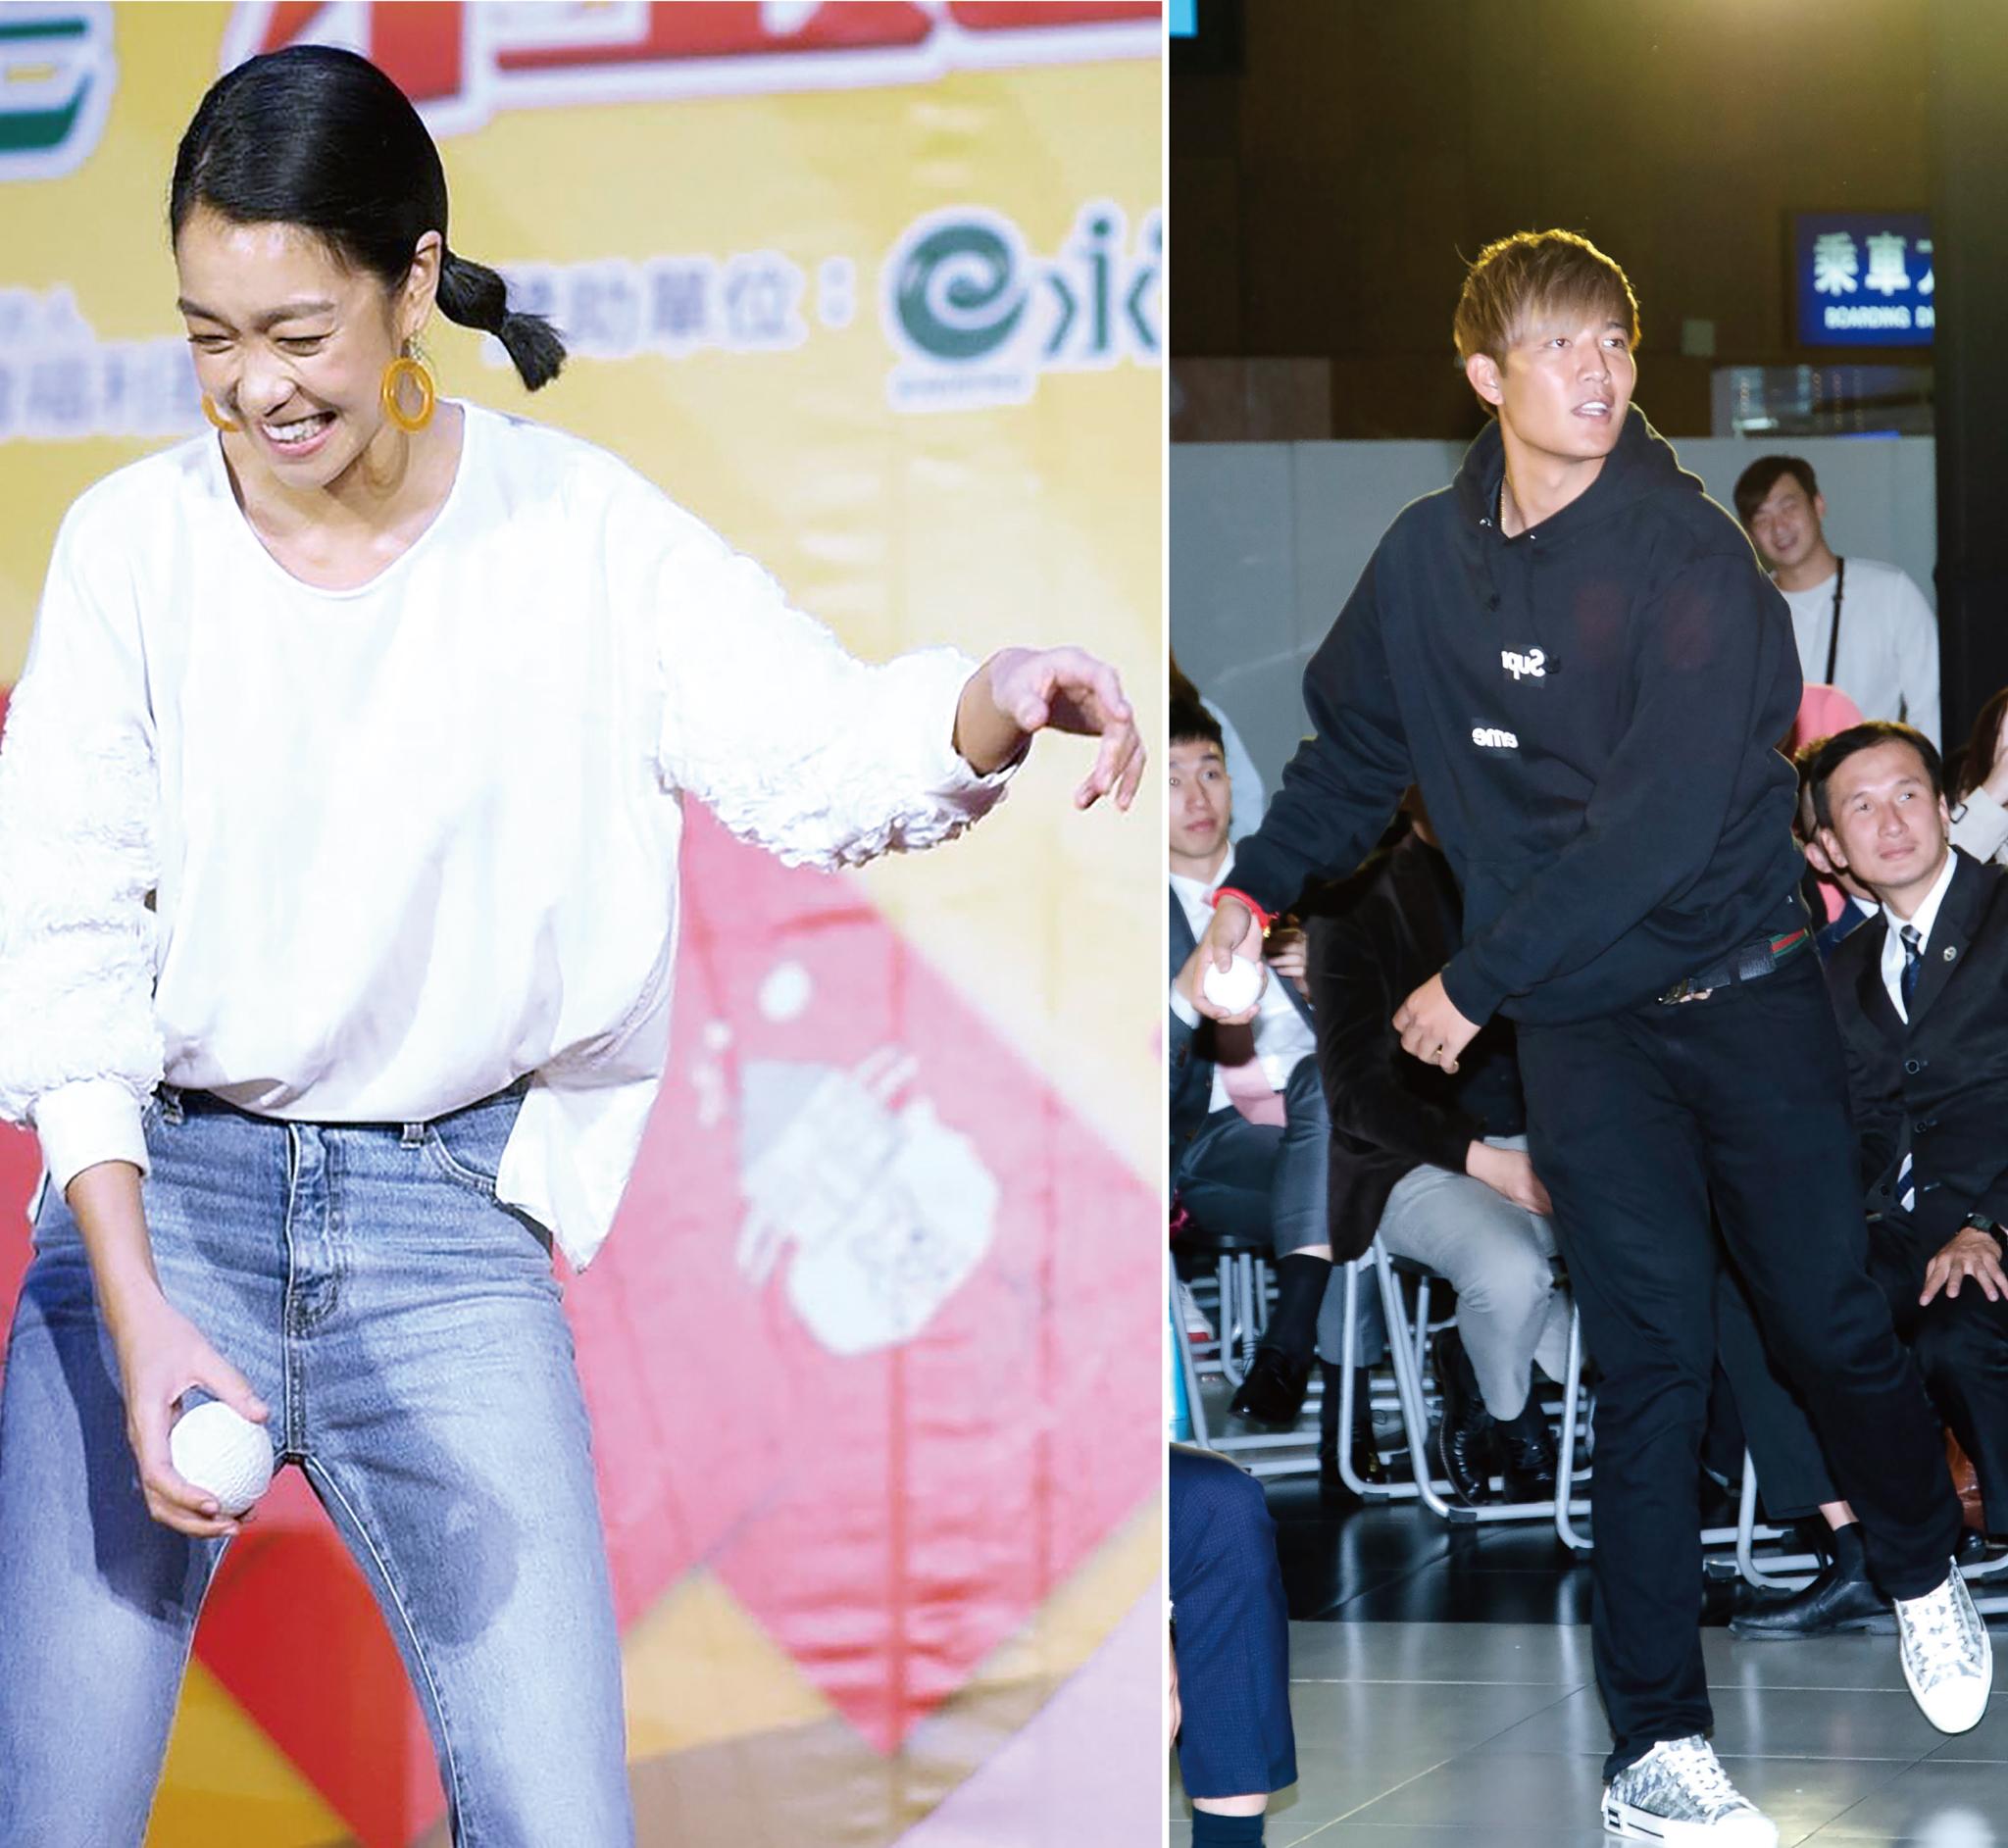 王維中(右)、李霈瑜(左)一起為「財團法人高雄市私立希恩之家」的個案小星星,圓滿完成「超神準—絕對命中組」趣味競賽。